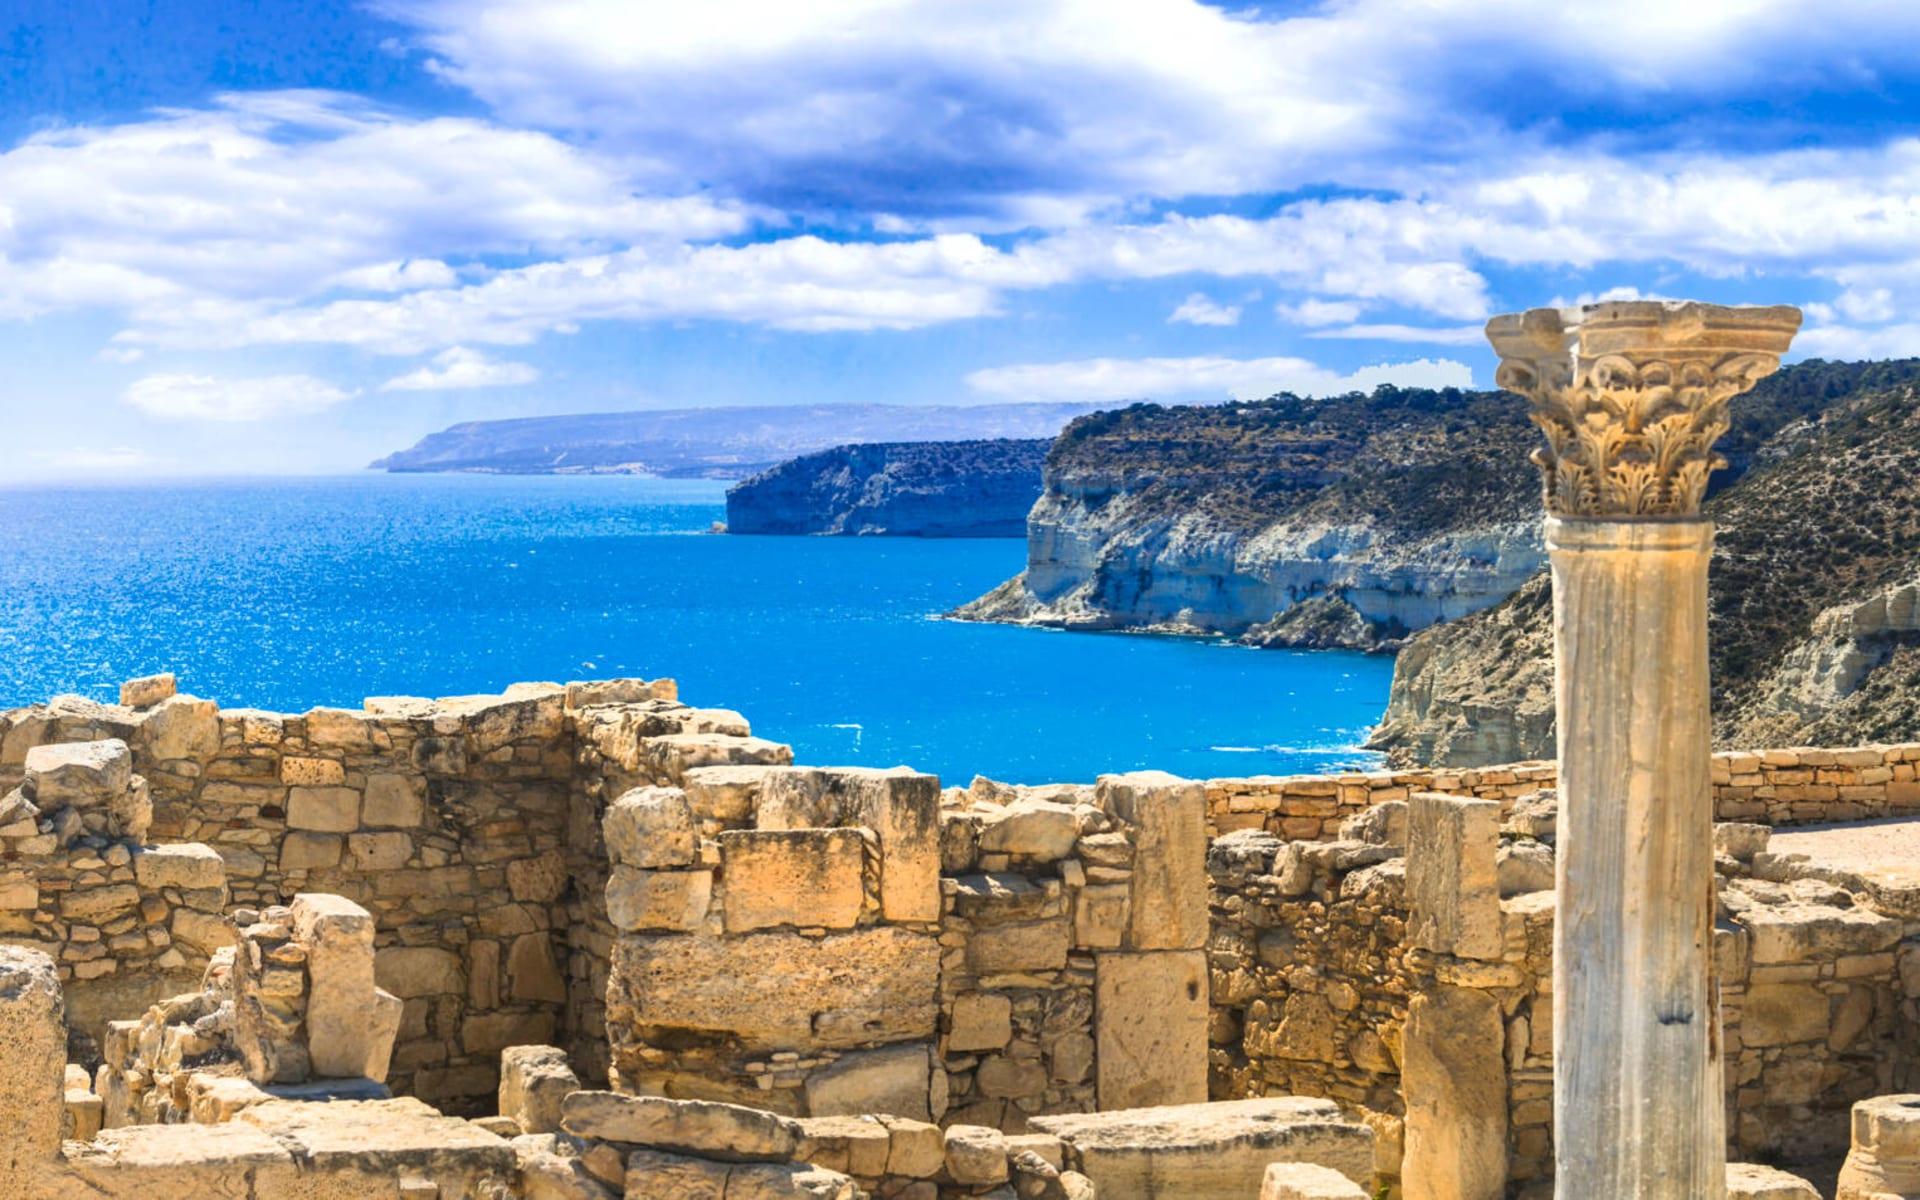 Badeferien im Hotel Elysium ab Limassol: Limassol Ruine Zypern